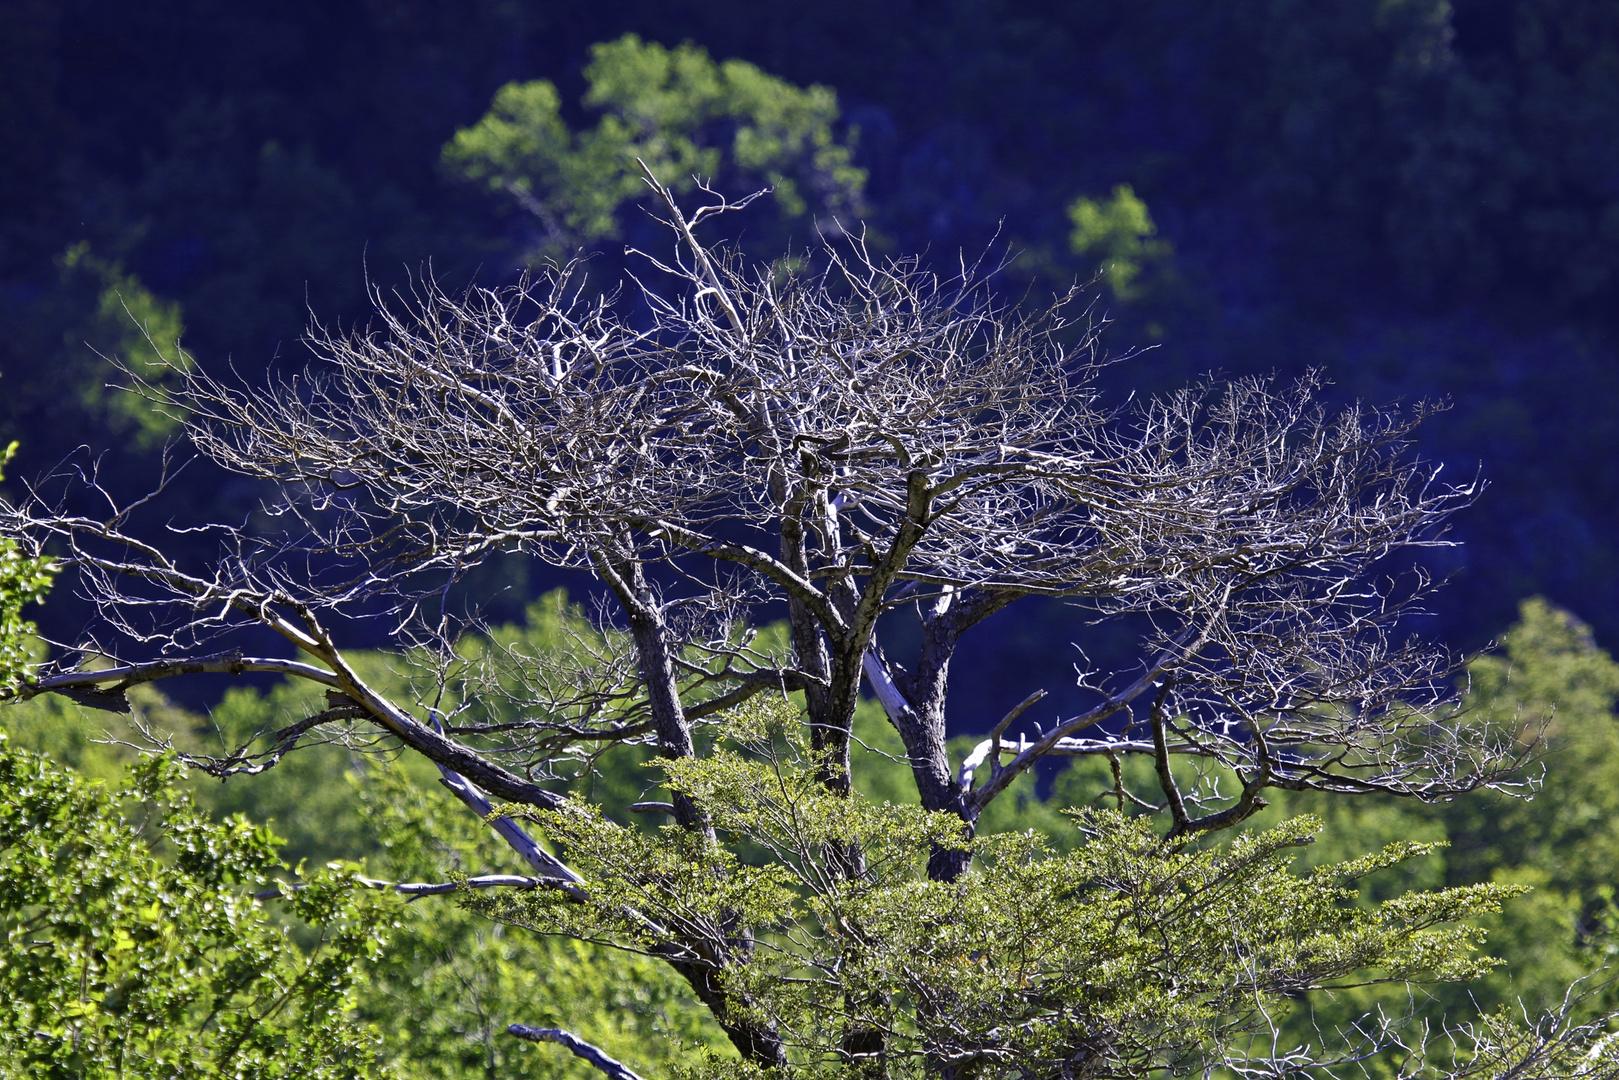 Mi árbol más amado..está muerto y en ese estado es más bello